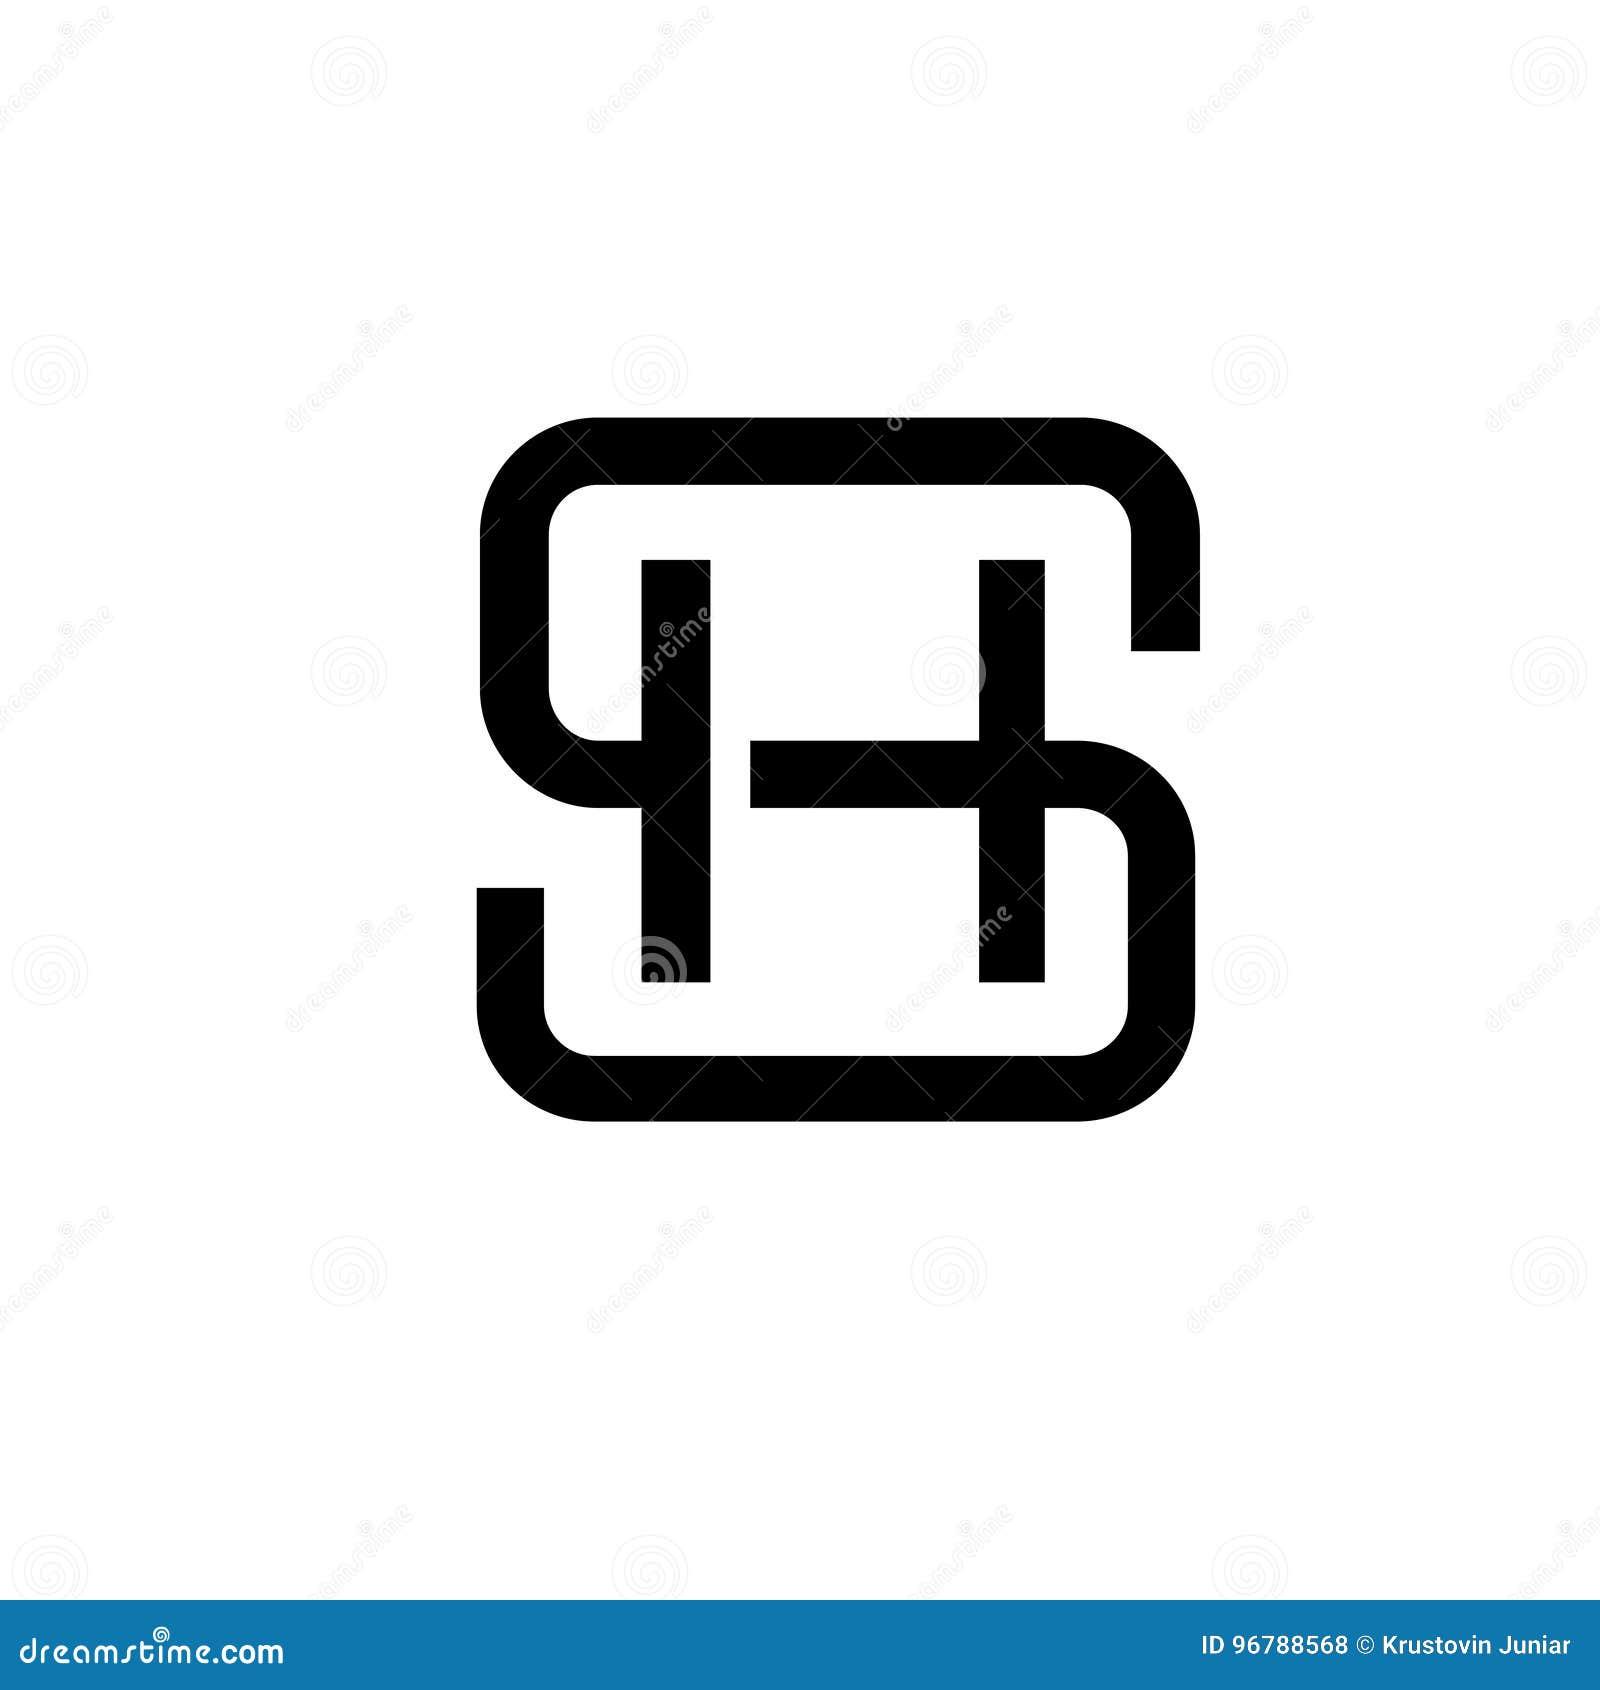 Concepto SH del logotipo de la letra